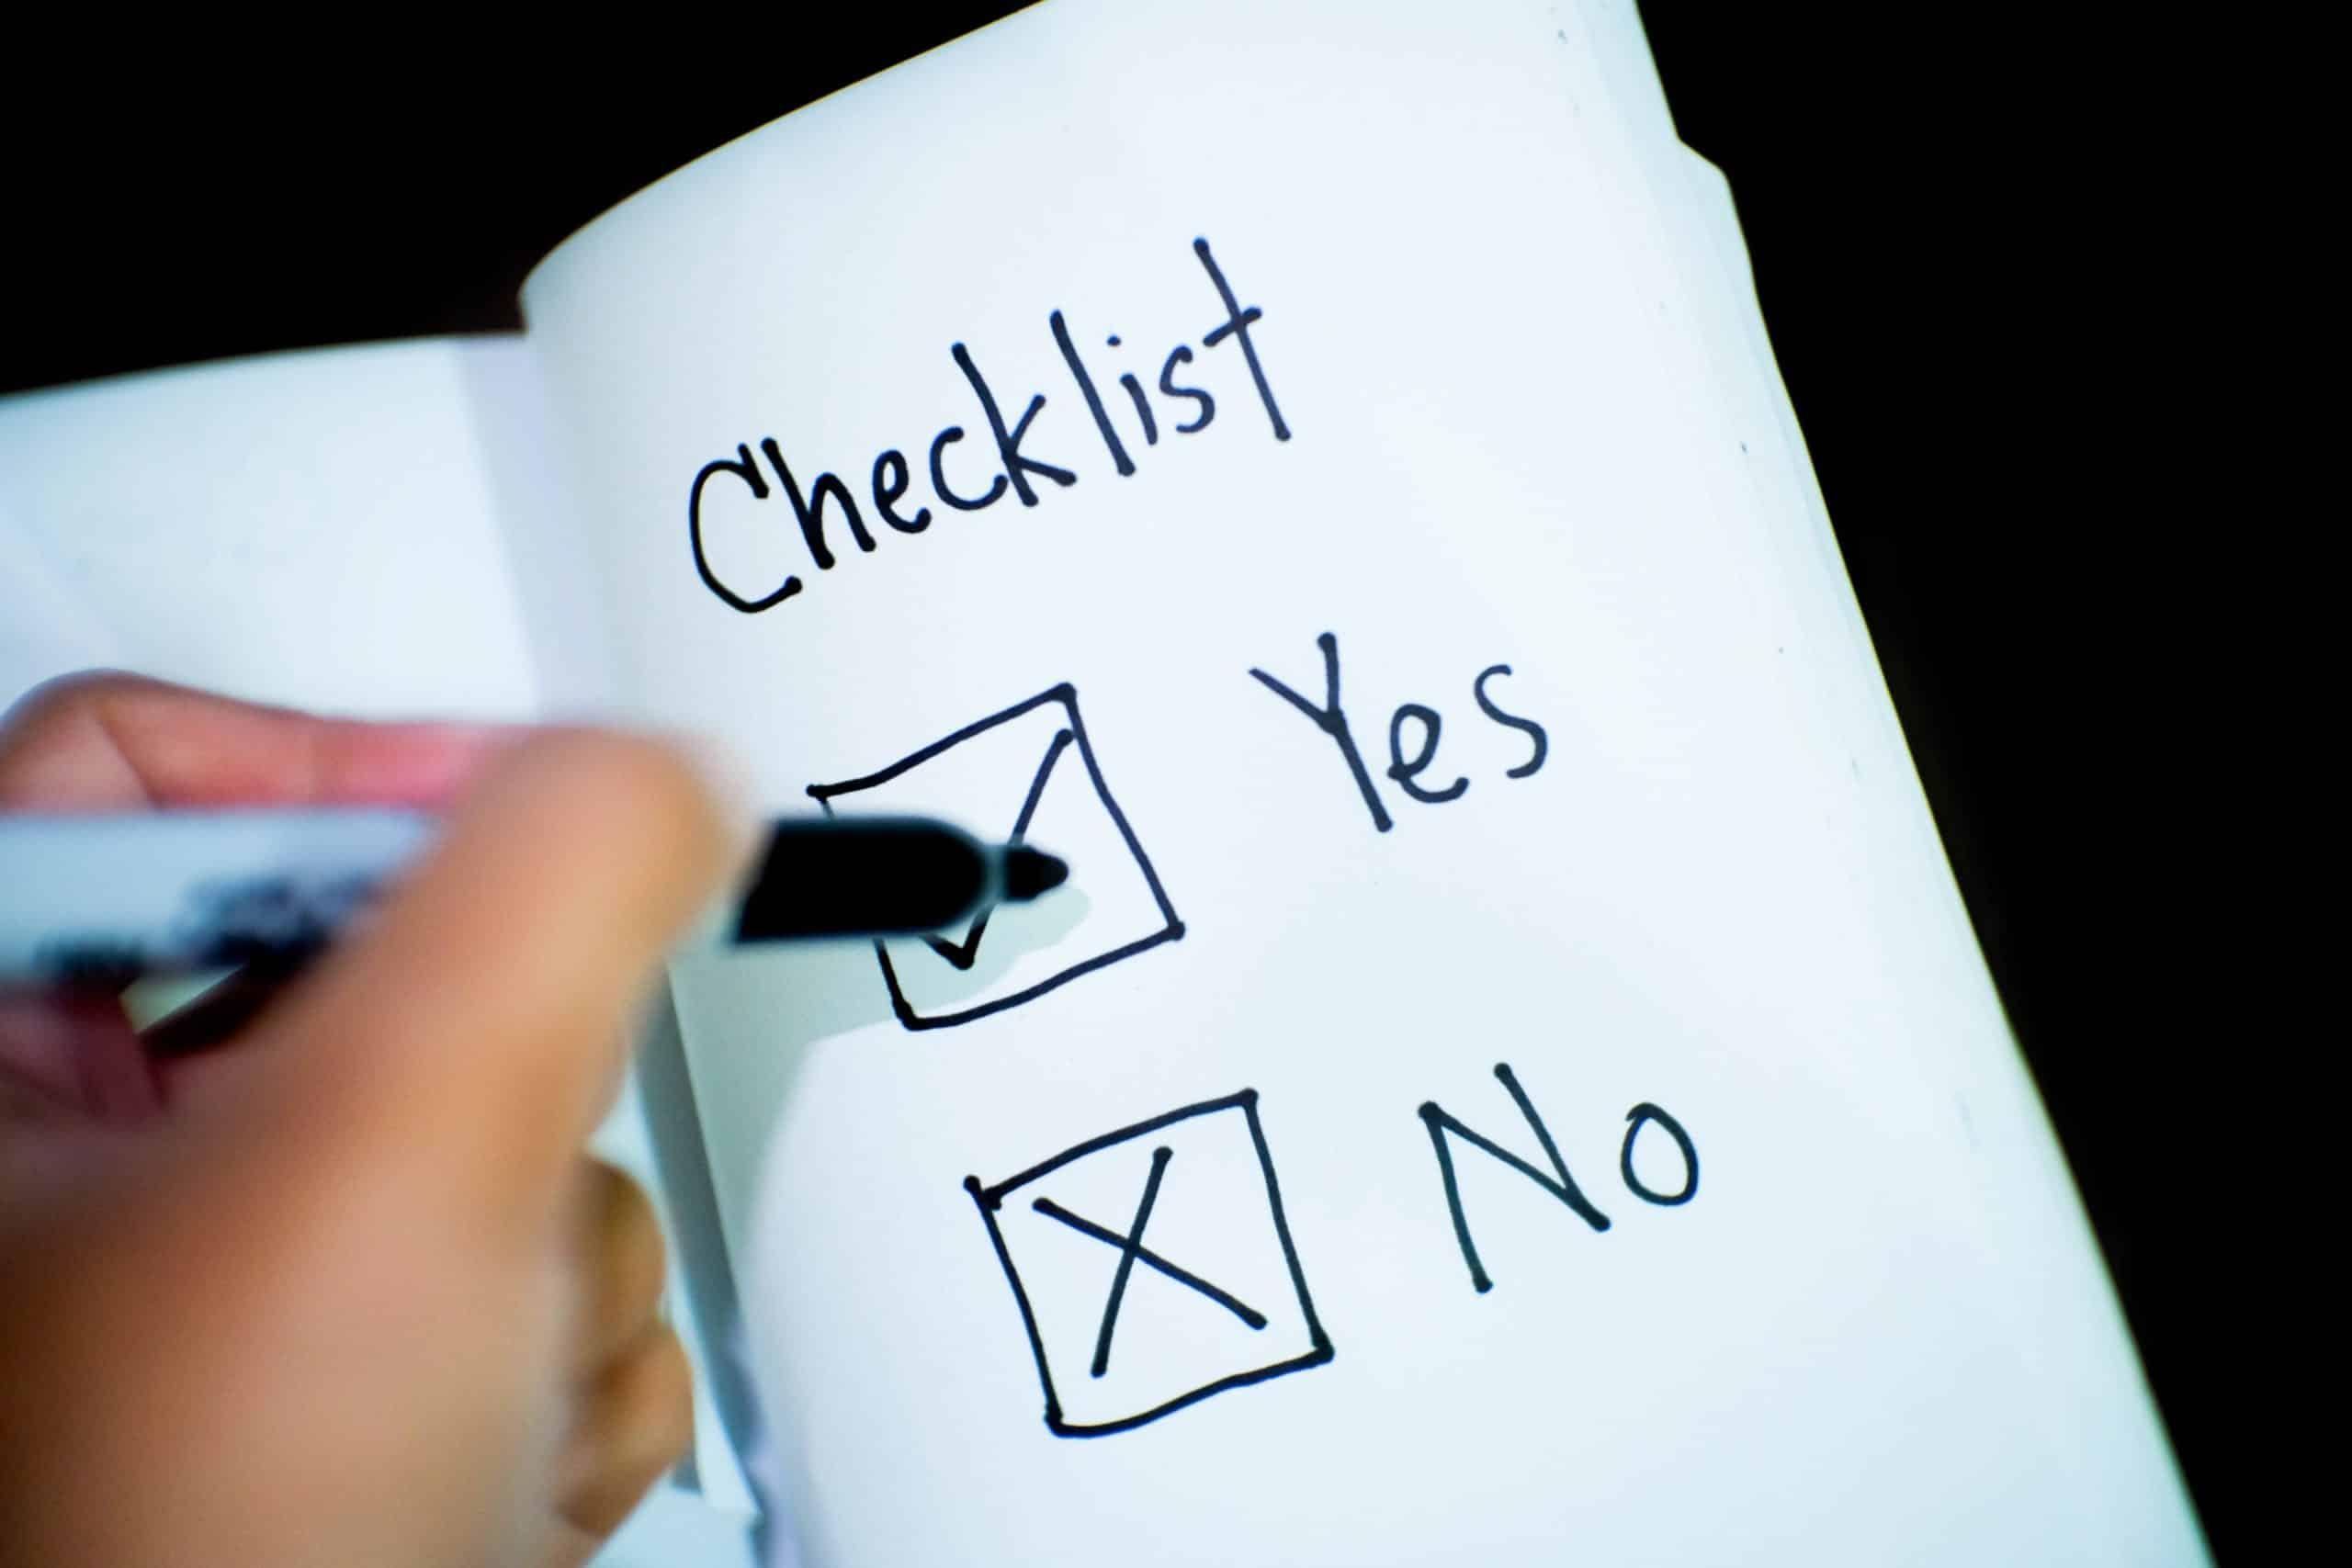 Checklist image with black sharpie website design